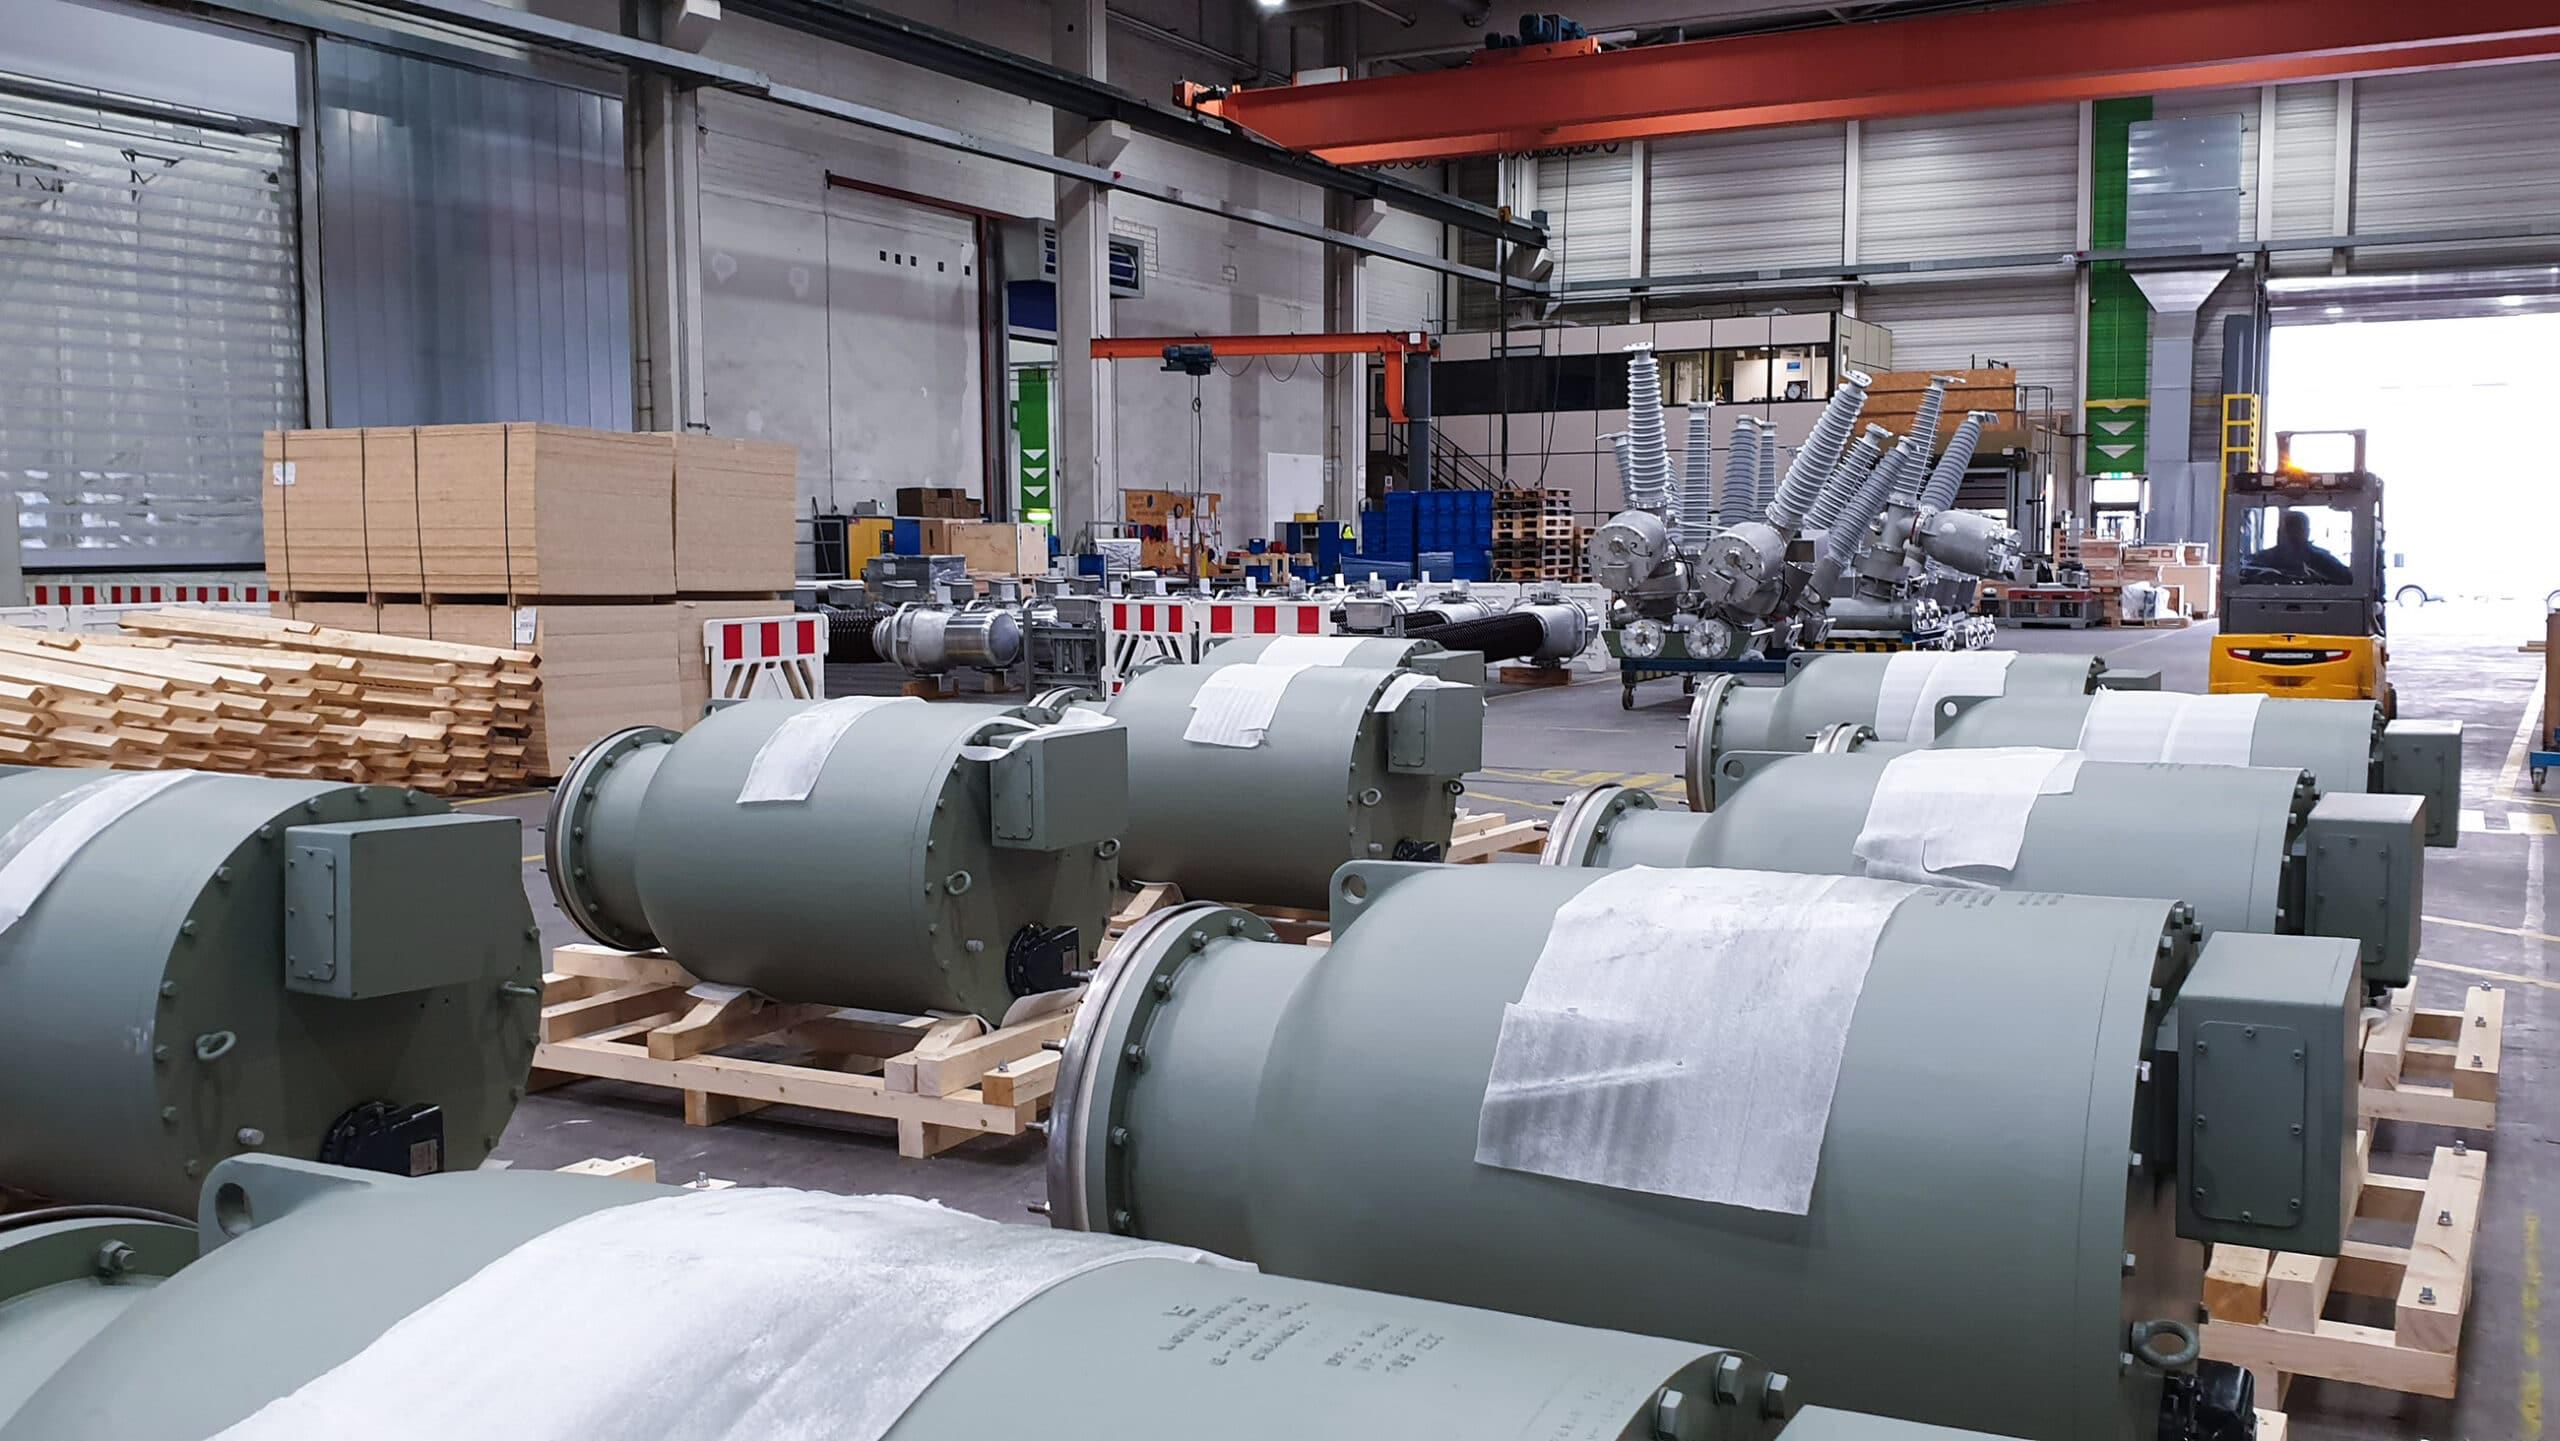 Hessisch Lichtenau: duisport packing logistics GmbH